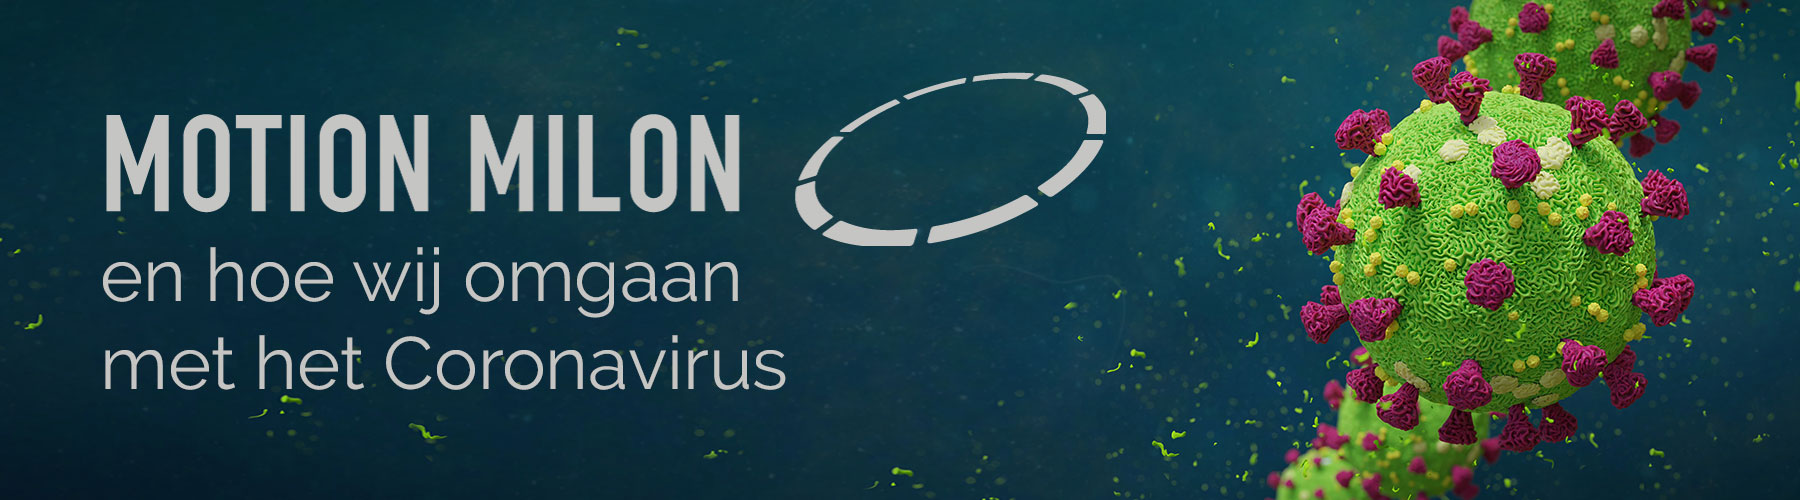 motion-milon-coronavirus